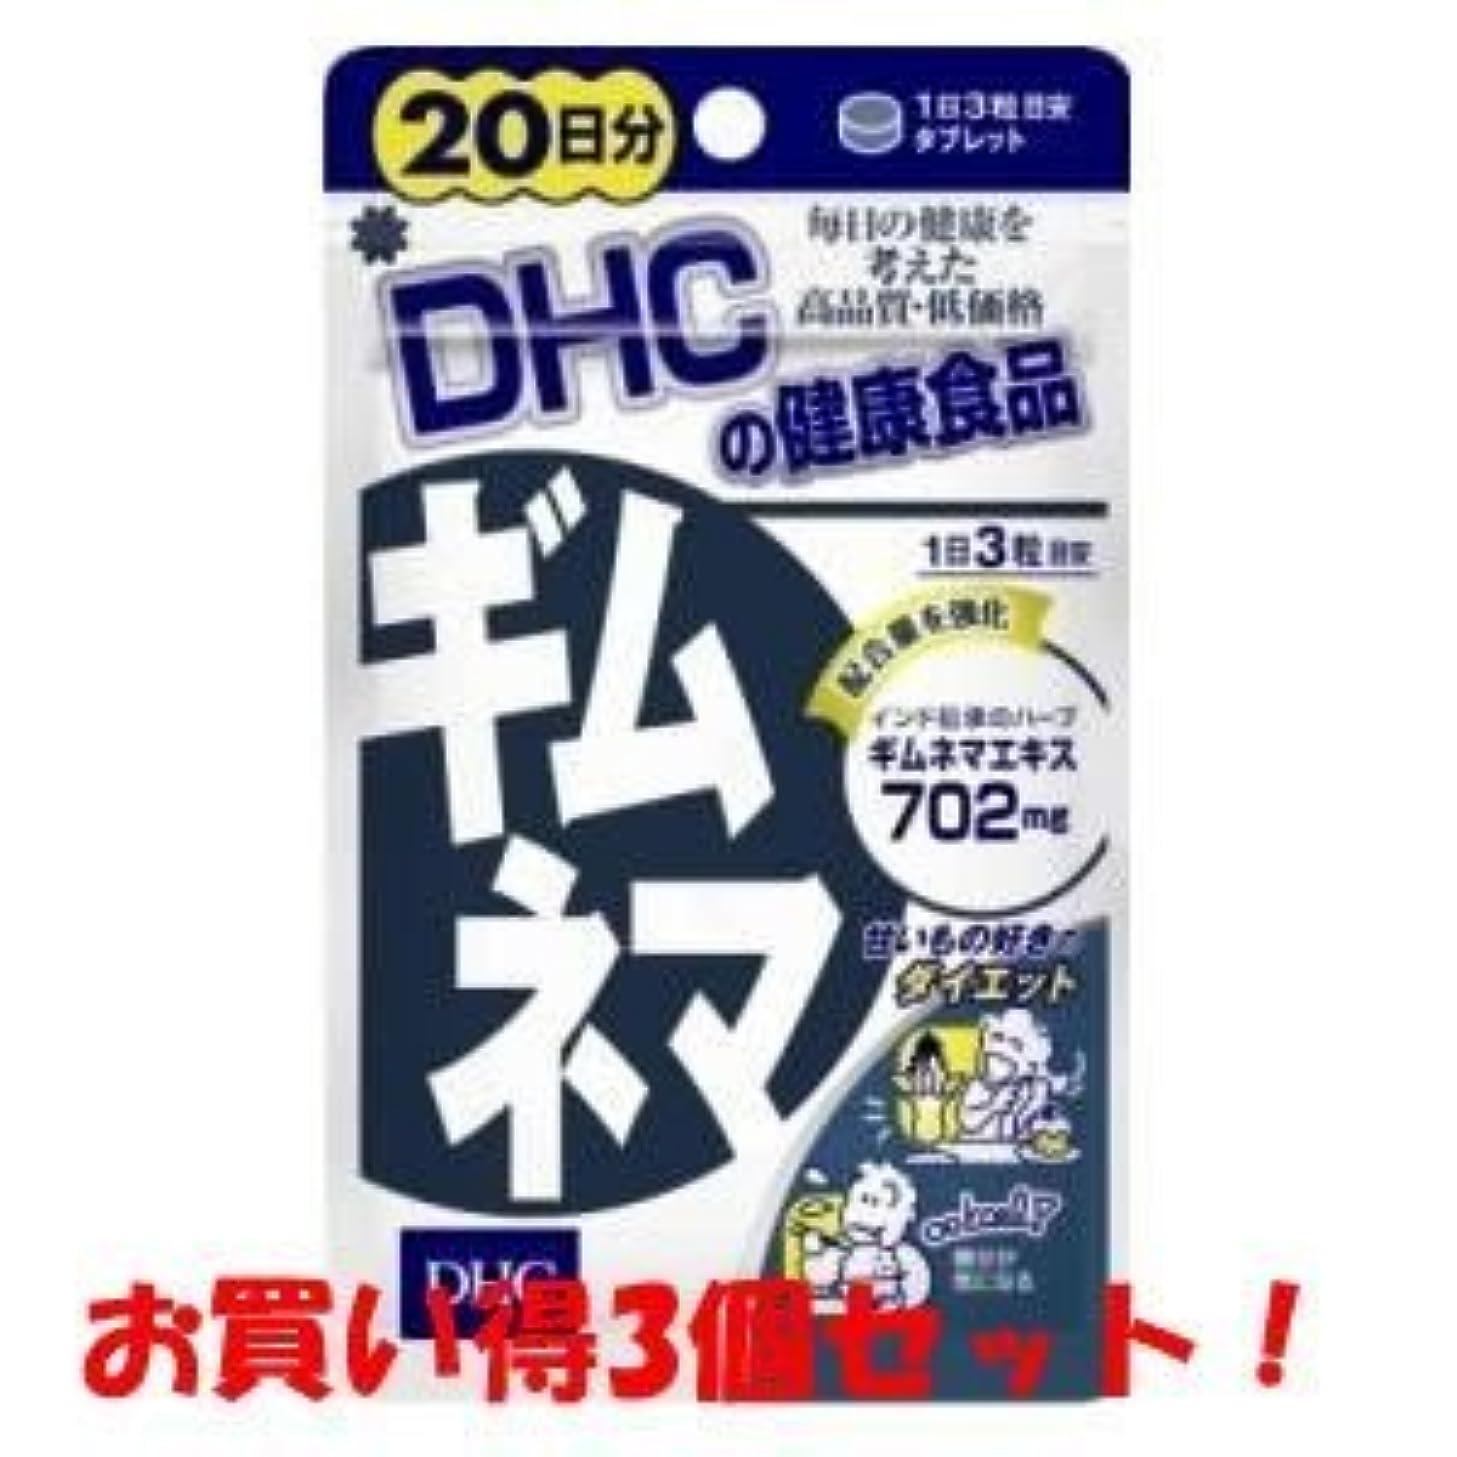 誰かタワー草DHC ギムネマ 20日分 60粒(お買い得3個セット)